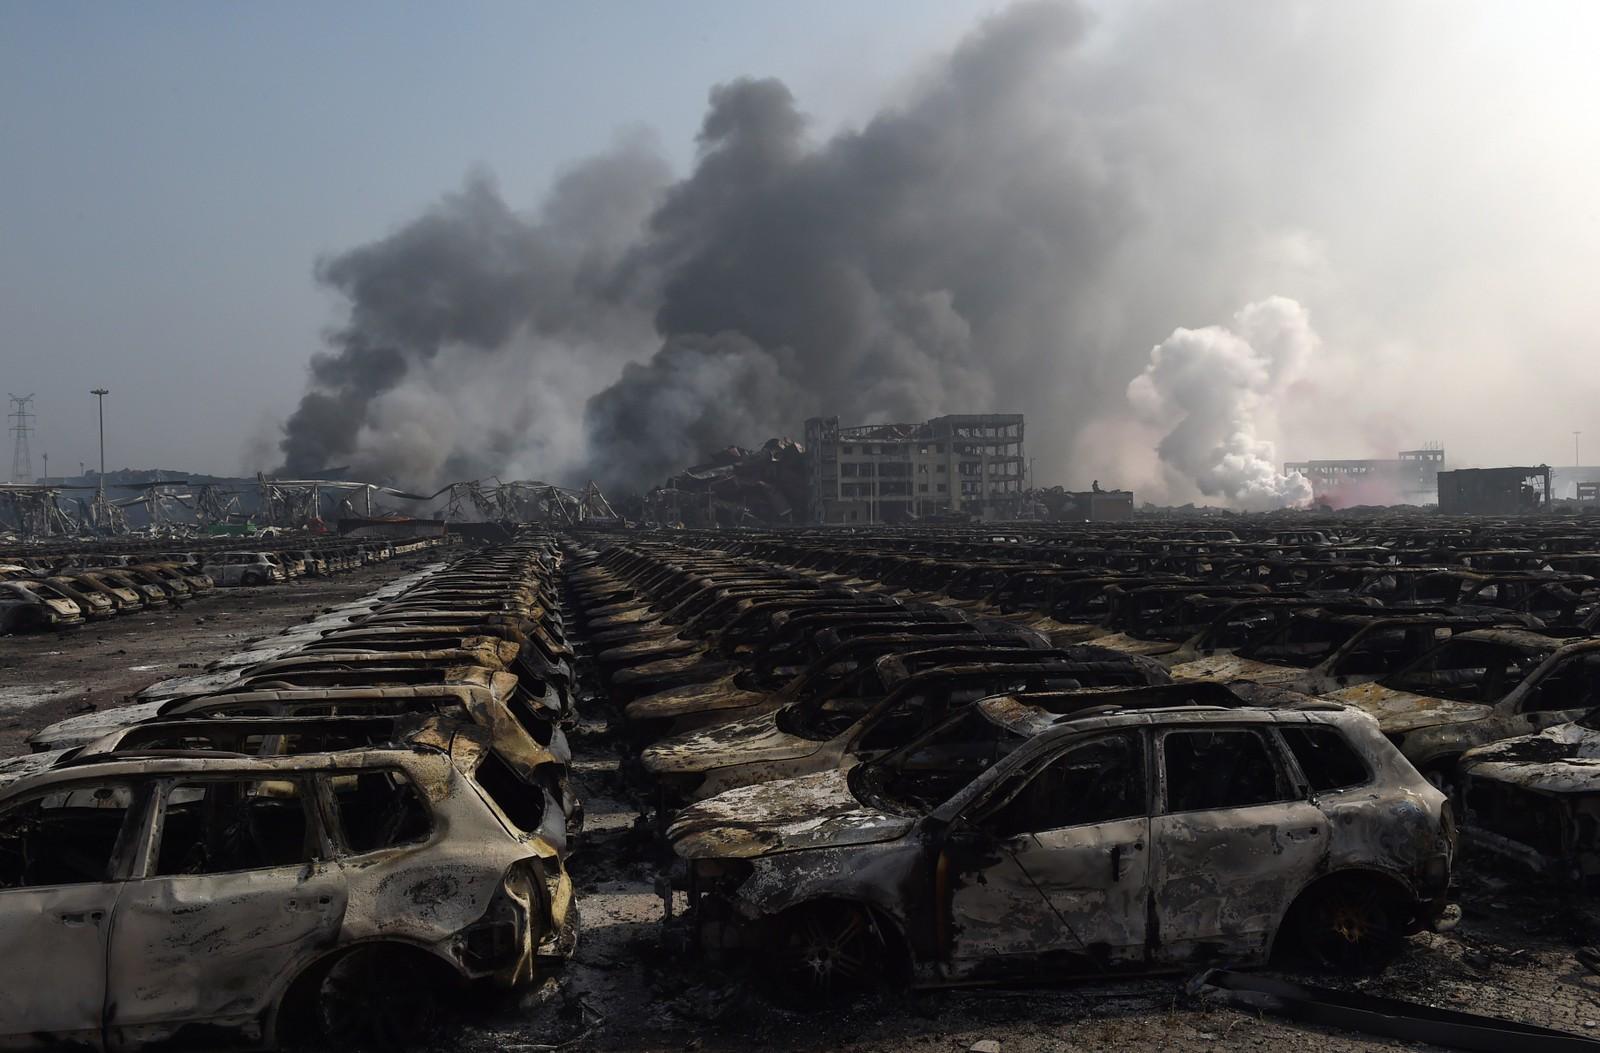 VRAKRESTER: Utbrente biler etter eksplosjonene.